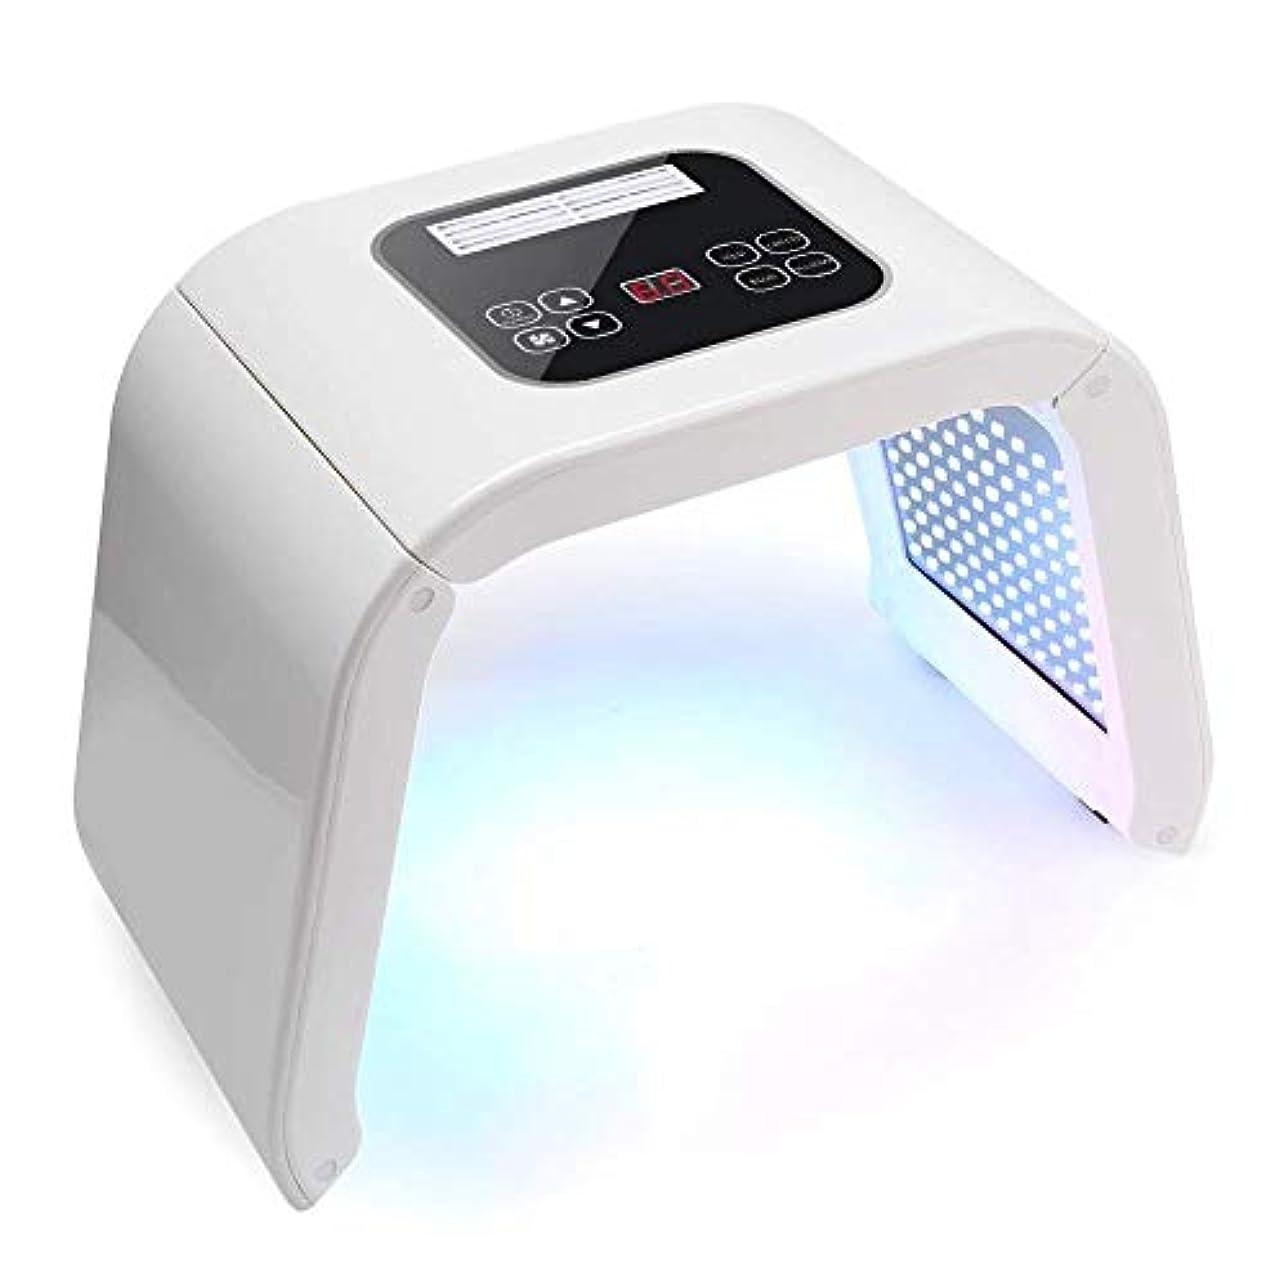 若返りの機器を皮膚、7色のLEDライトは、フェイシャルケア美容機マスク、スキンはホームサロン使うスキンケアのツールについては、フェイスネックボディ?フェイシャルケアのためのアンチエイジングスキンケアツールを締め